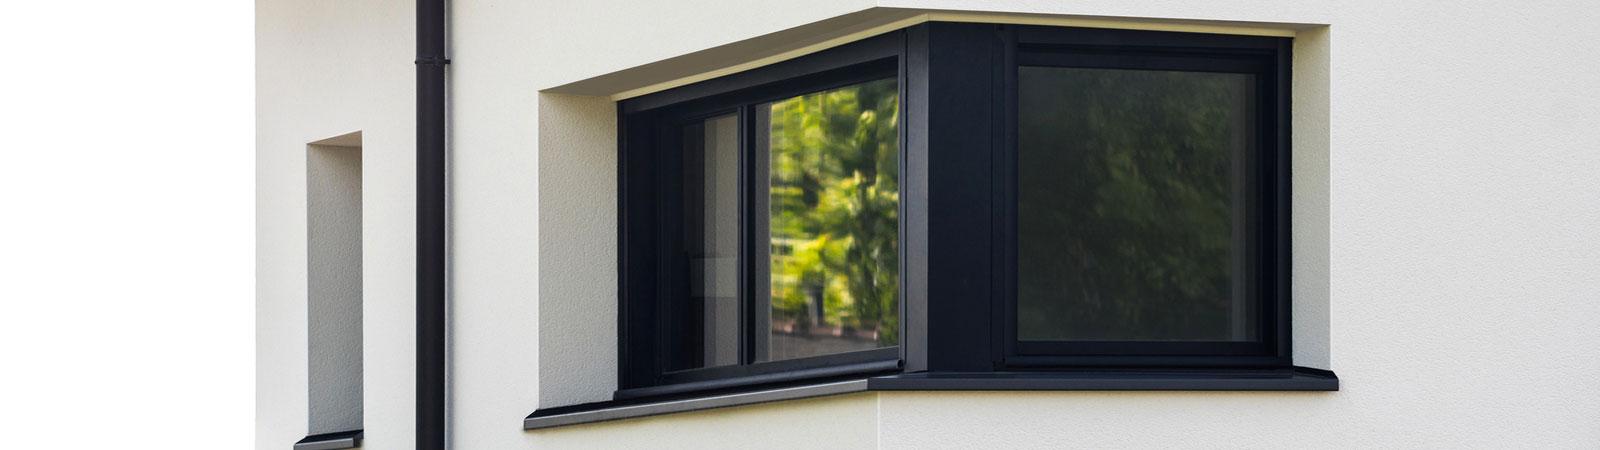 Fensterrahmen: Sparen Sie Energie mit dem richtigen Rahmen